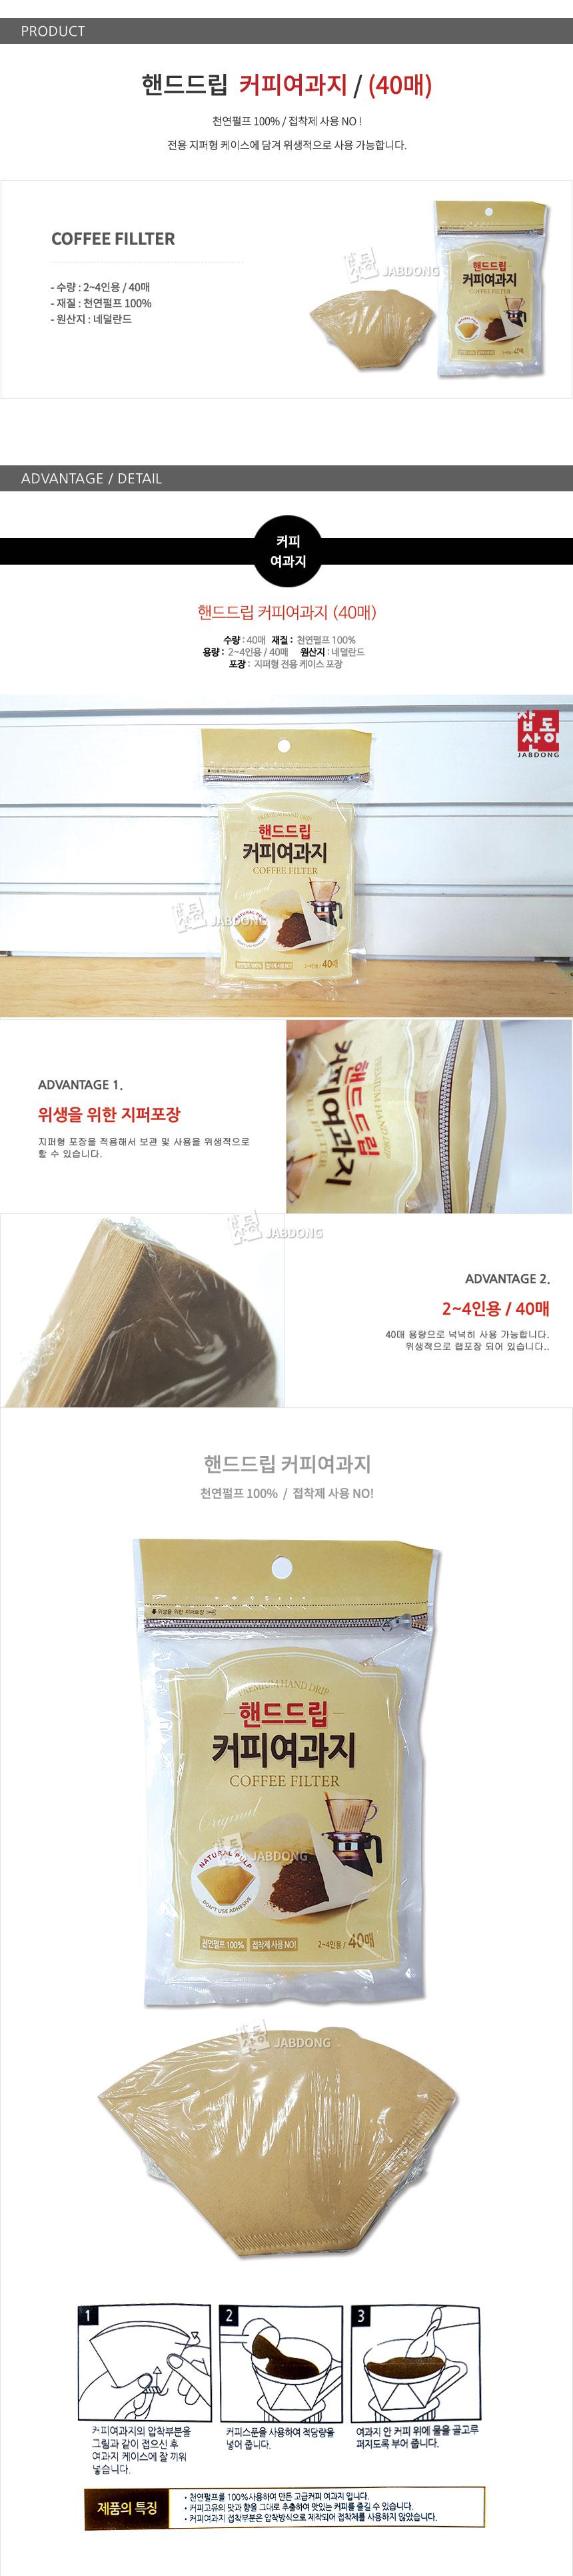 핸드드립 커피 여과지 (40매) / 천연펼프 / 접착제 사용 x